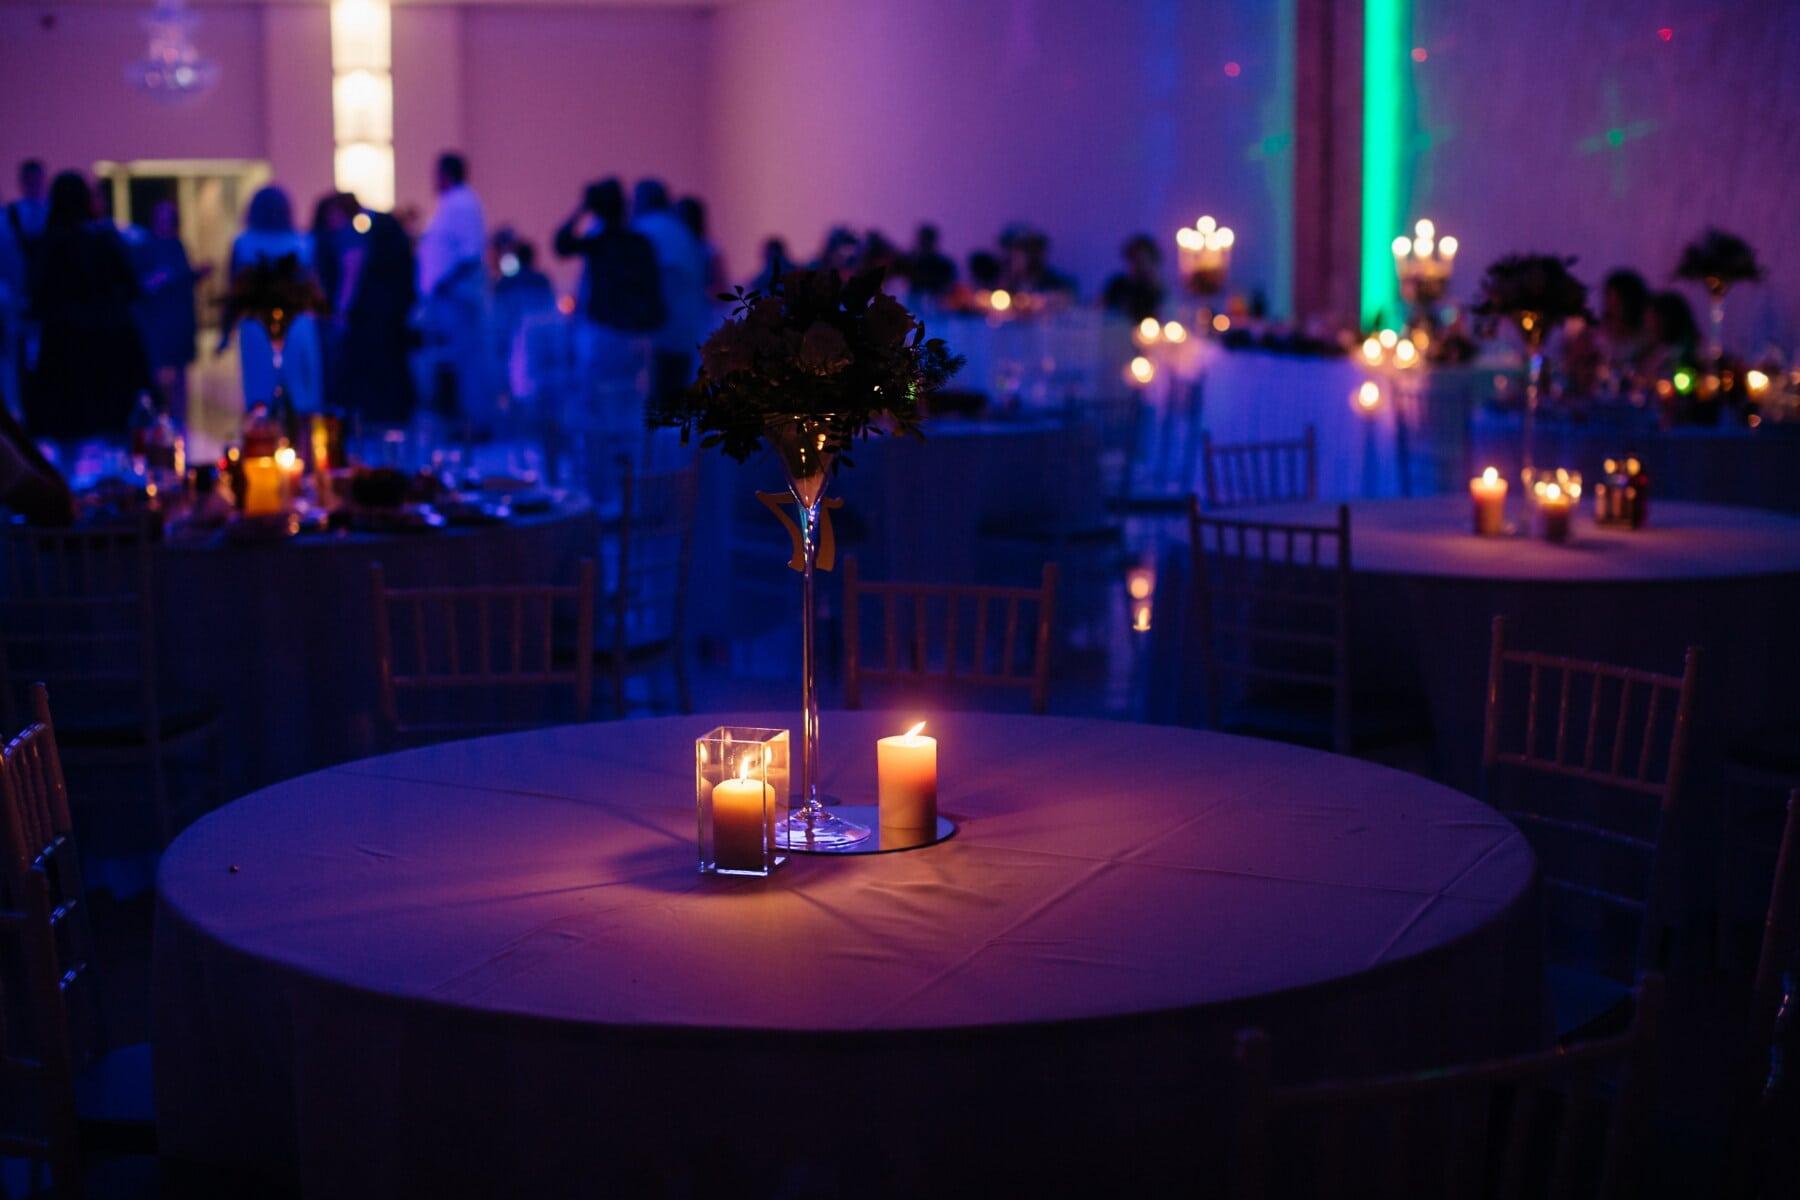 Hotel, Restaurant, romantische, Nachtclub, Dunkelheit, Atmosphäre, Kerzen, Leuchter, violett, Farben